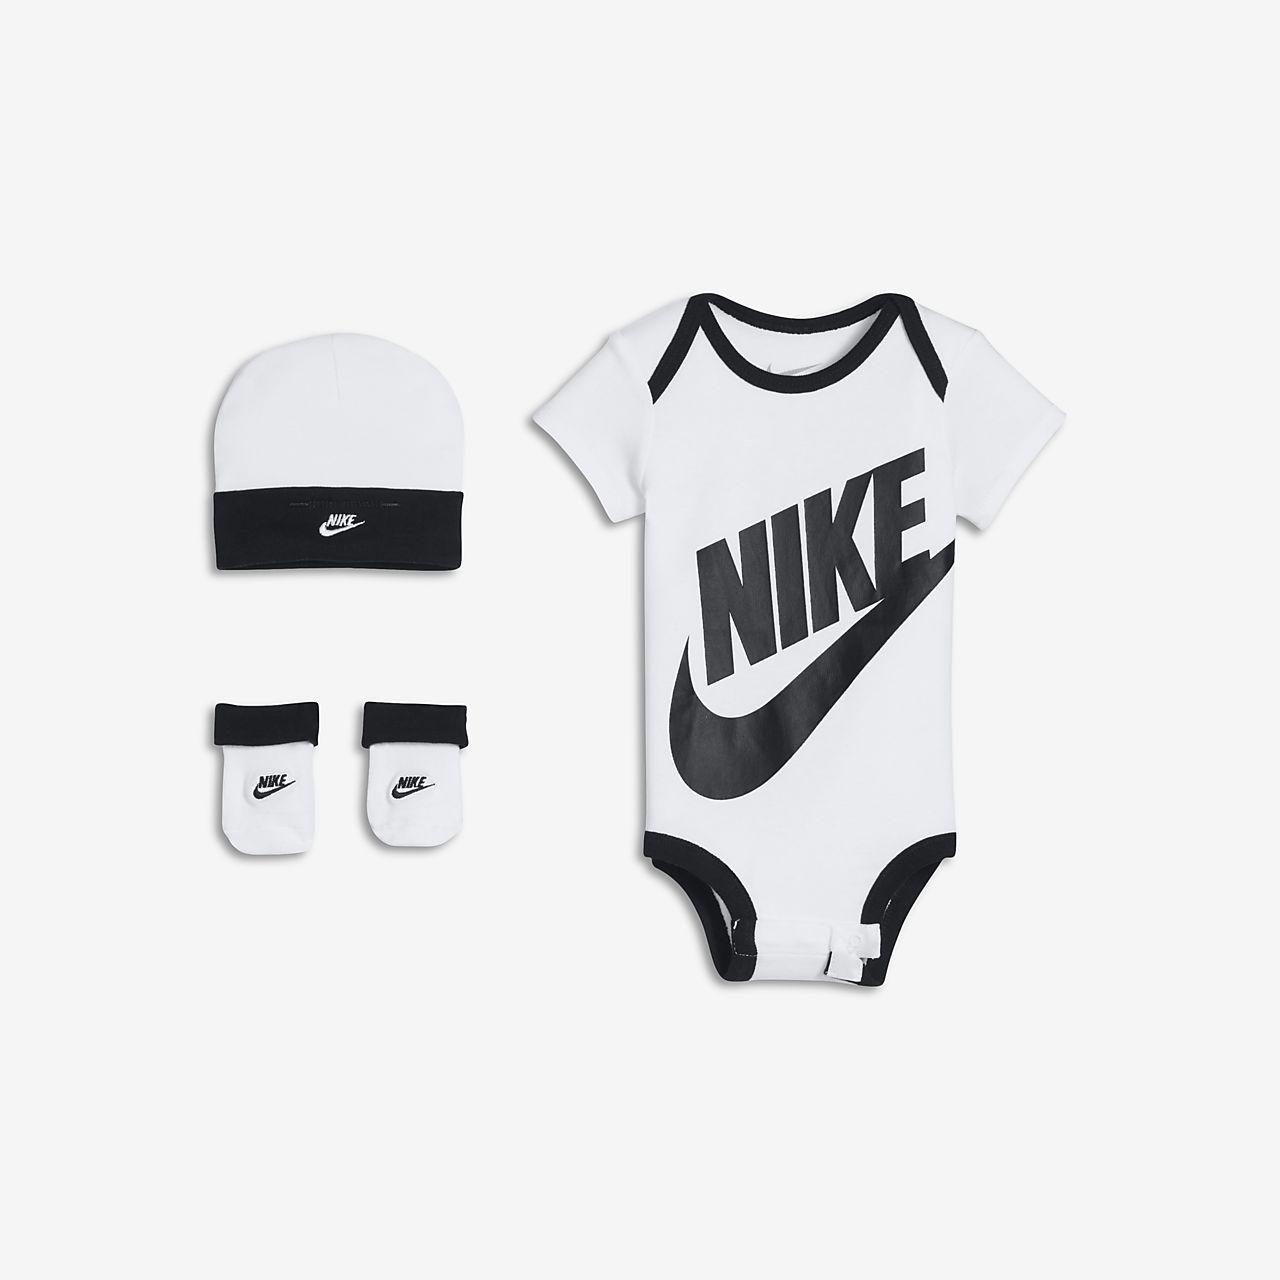 Nike Sportswear háromrészes szett babáknak